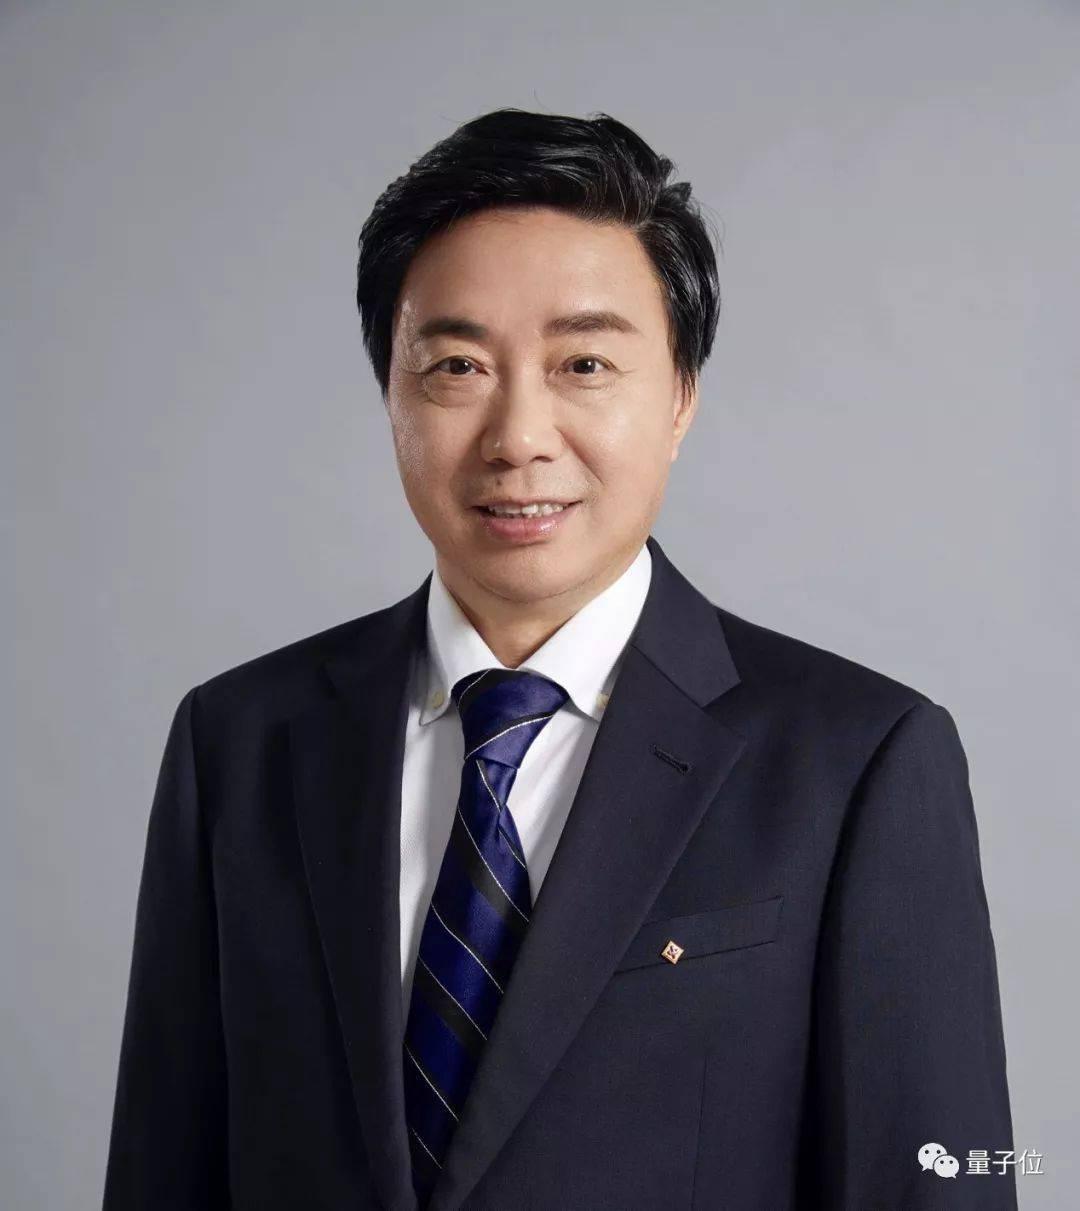 IEEE Fellow、AAAS Fellow 教授 吴信东